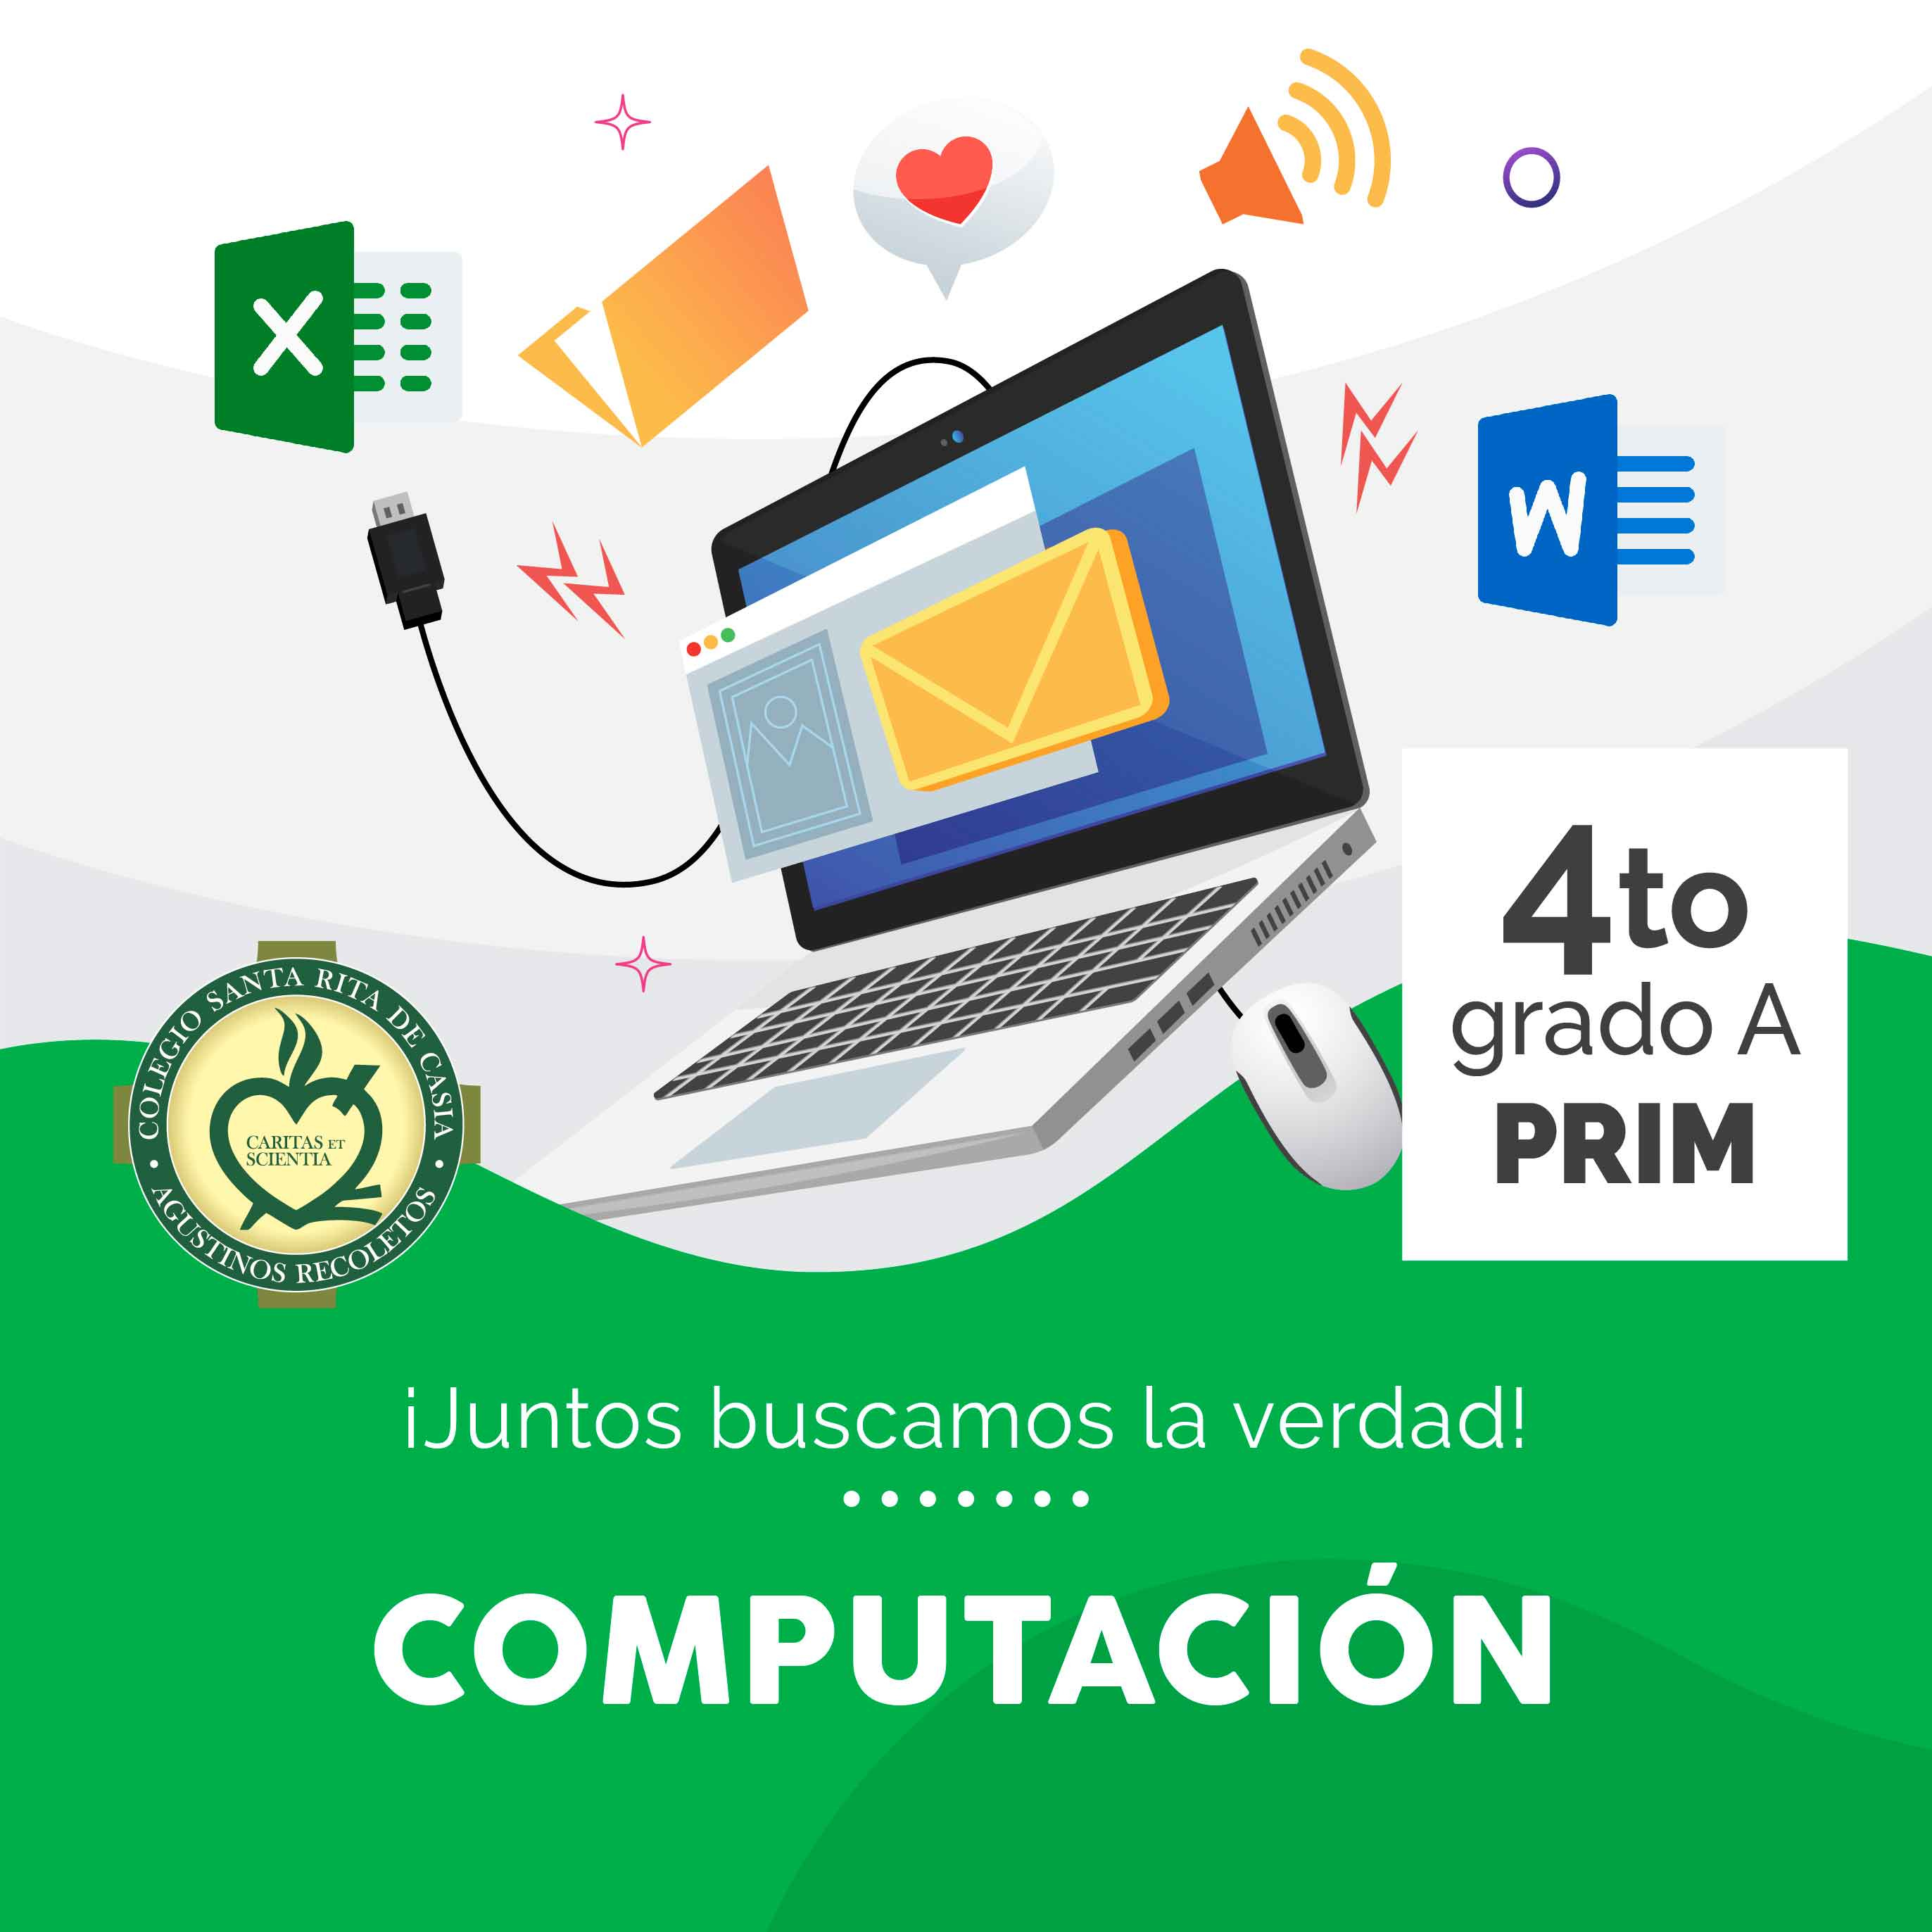 Computación 4to Grado A